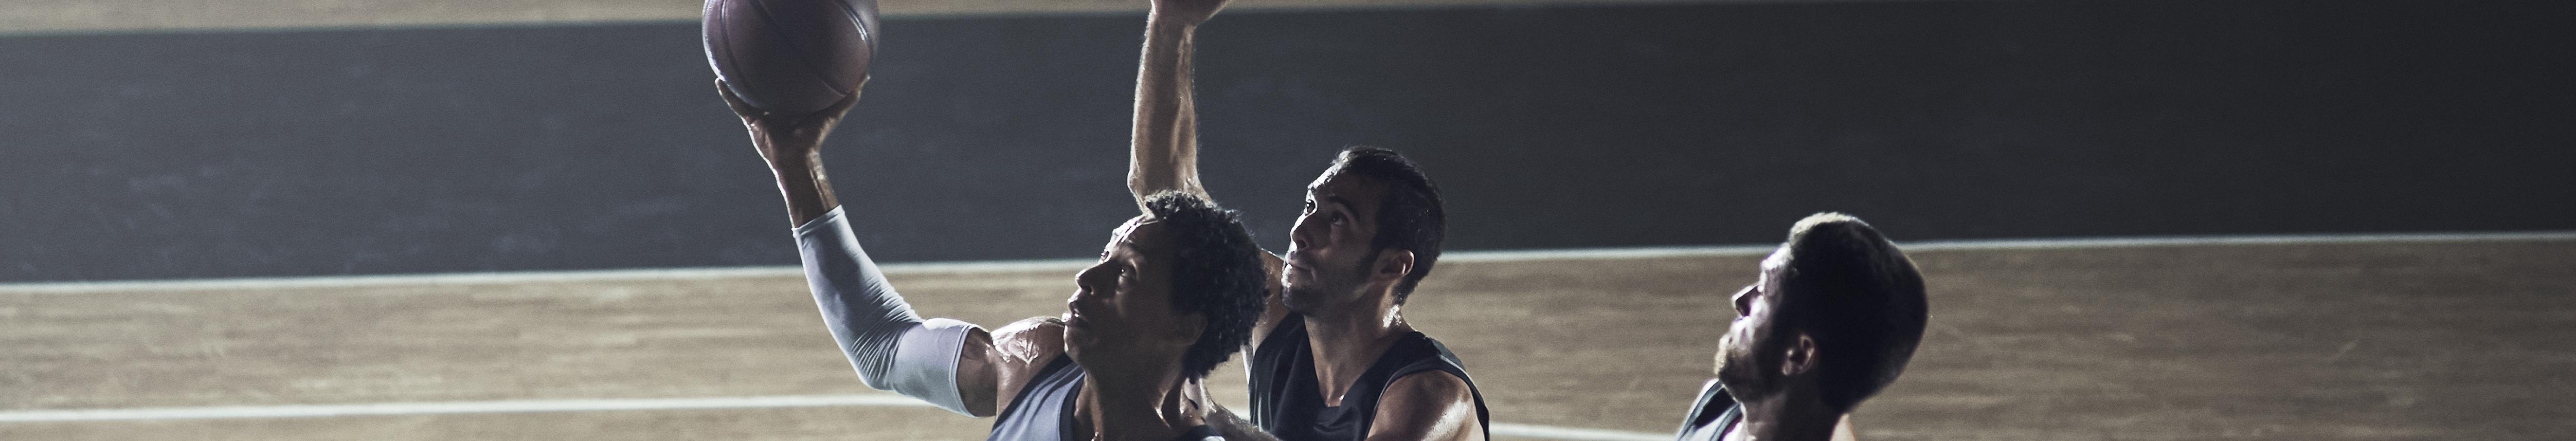 Nuggets-Spurs, Gara 7: che spettacolo sarà? San Antonio può fare il colpo?